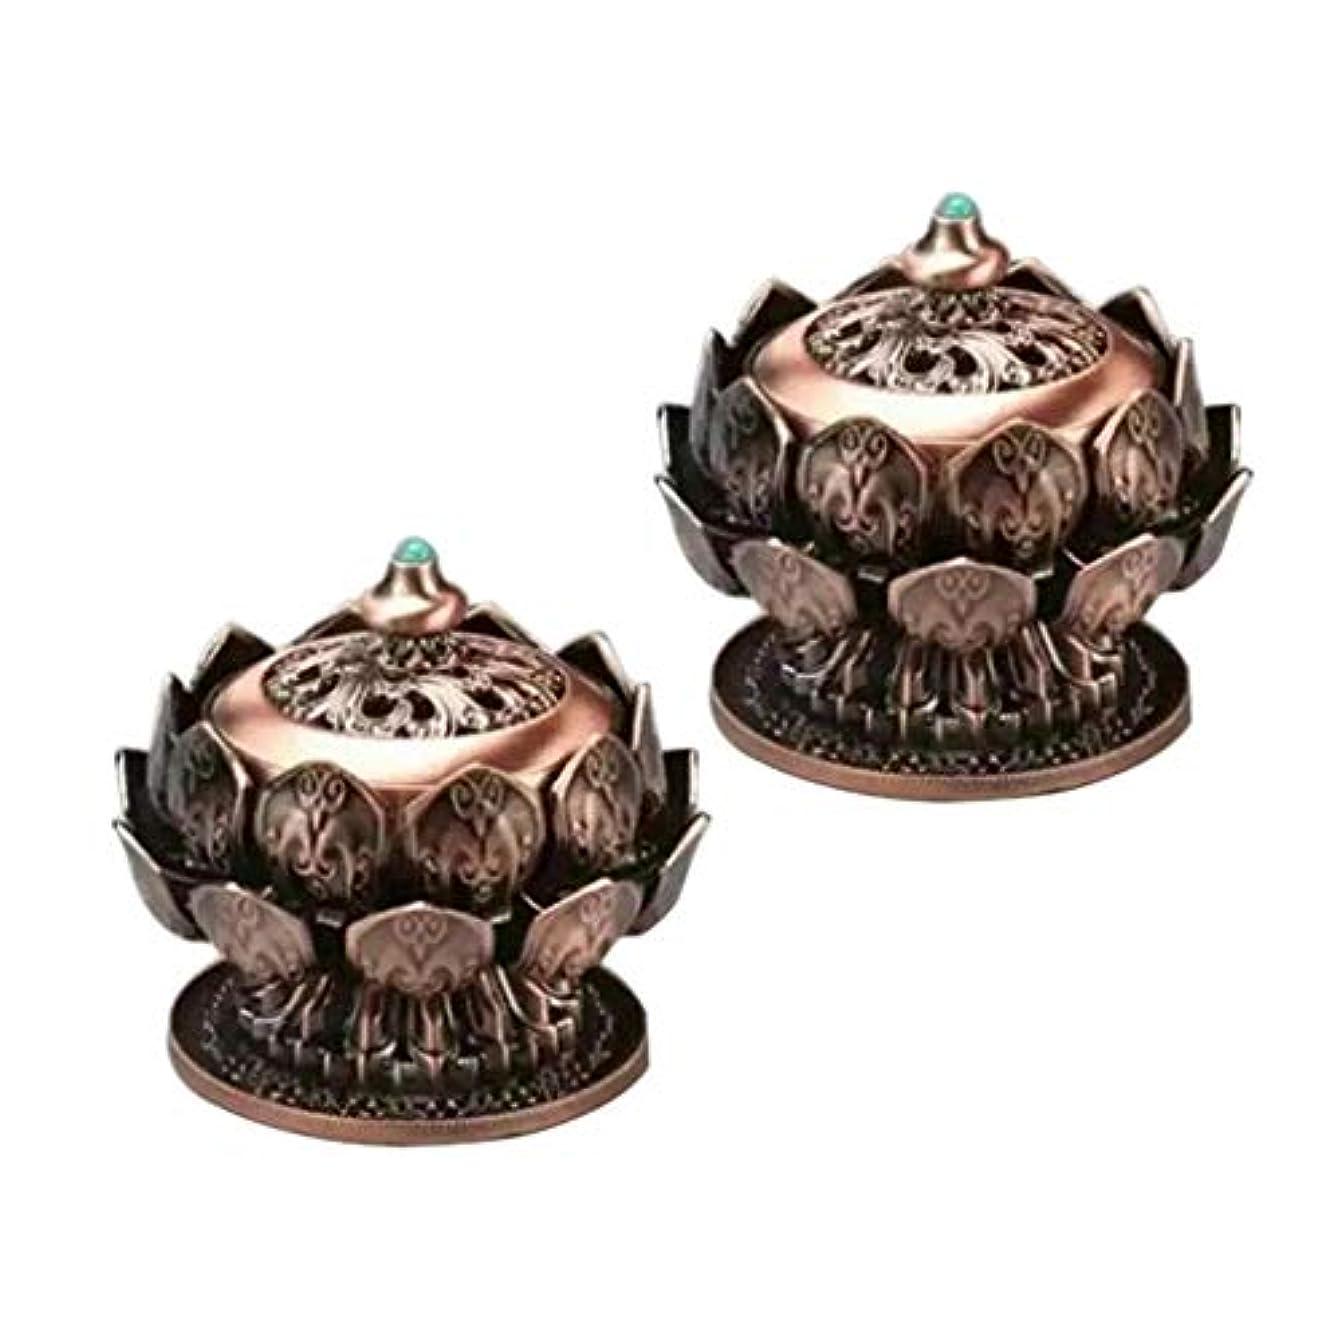 キャッシュ悪意フレームワーク2個 合金 アンティーク 香炉 アロマセラピー 香炉 蓮 銅